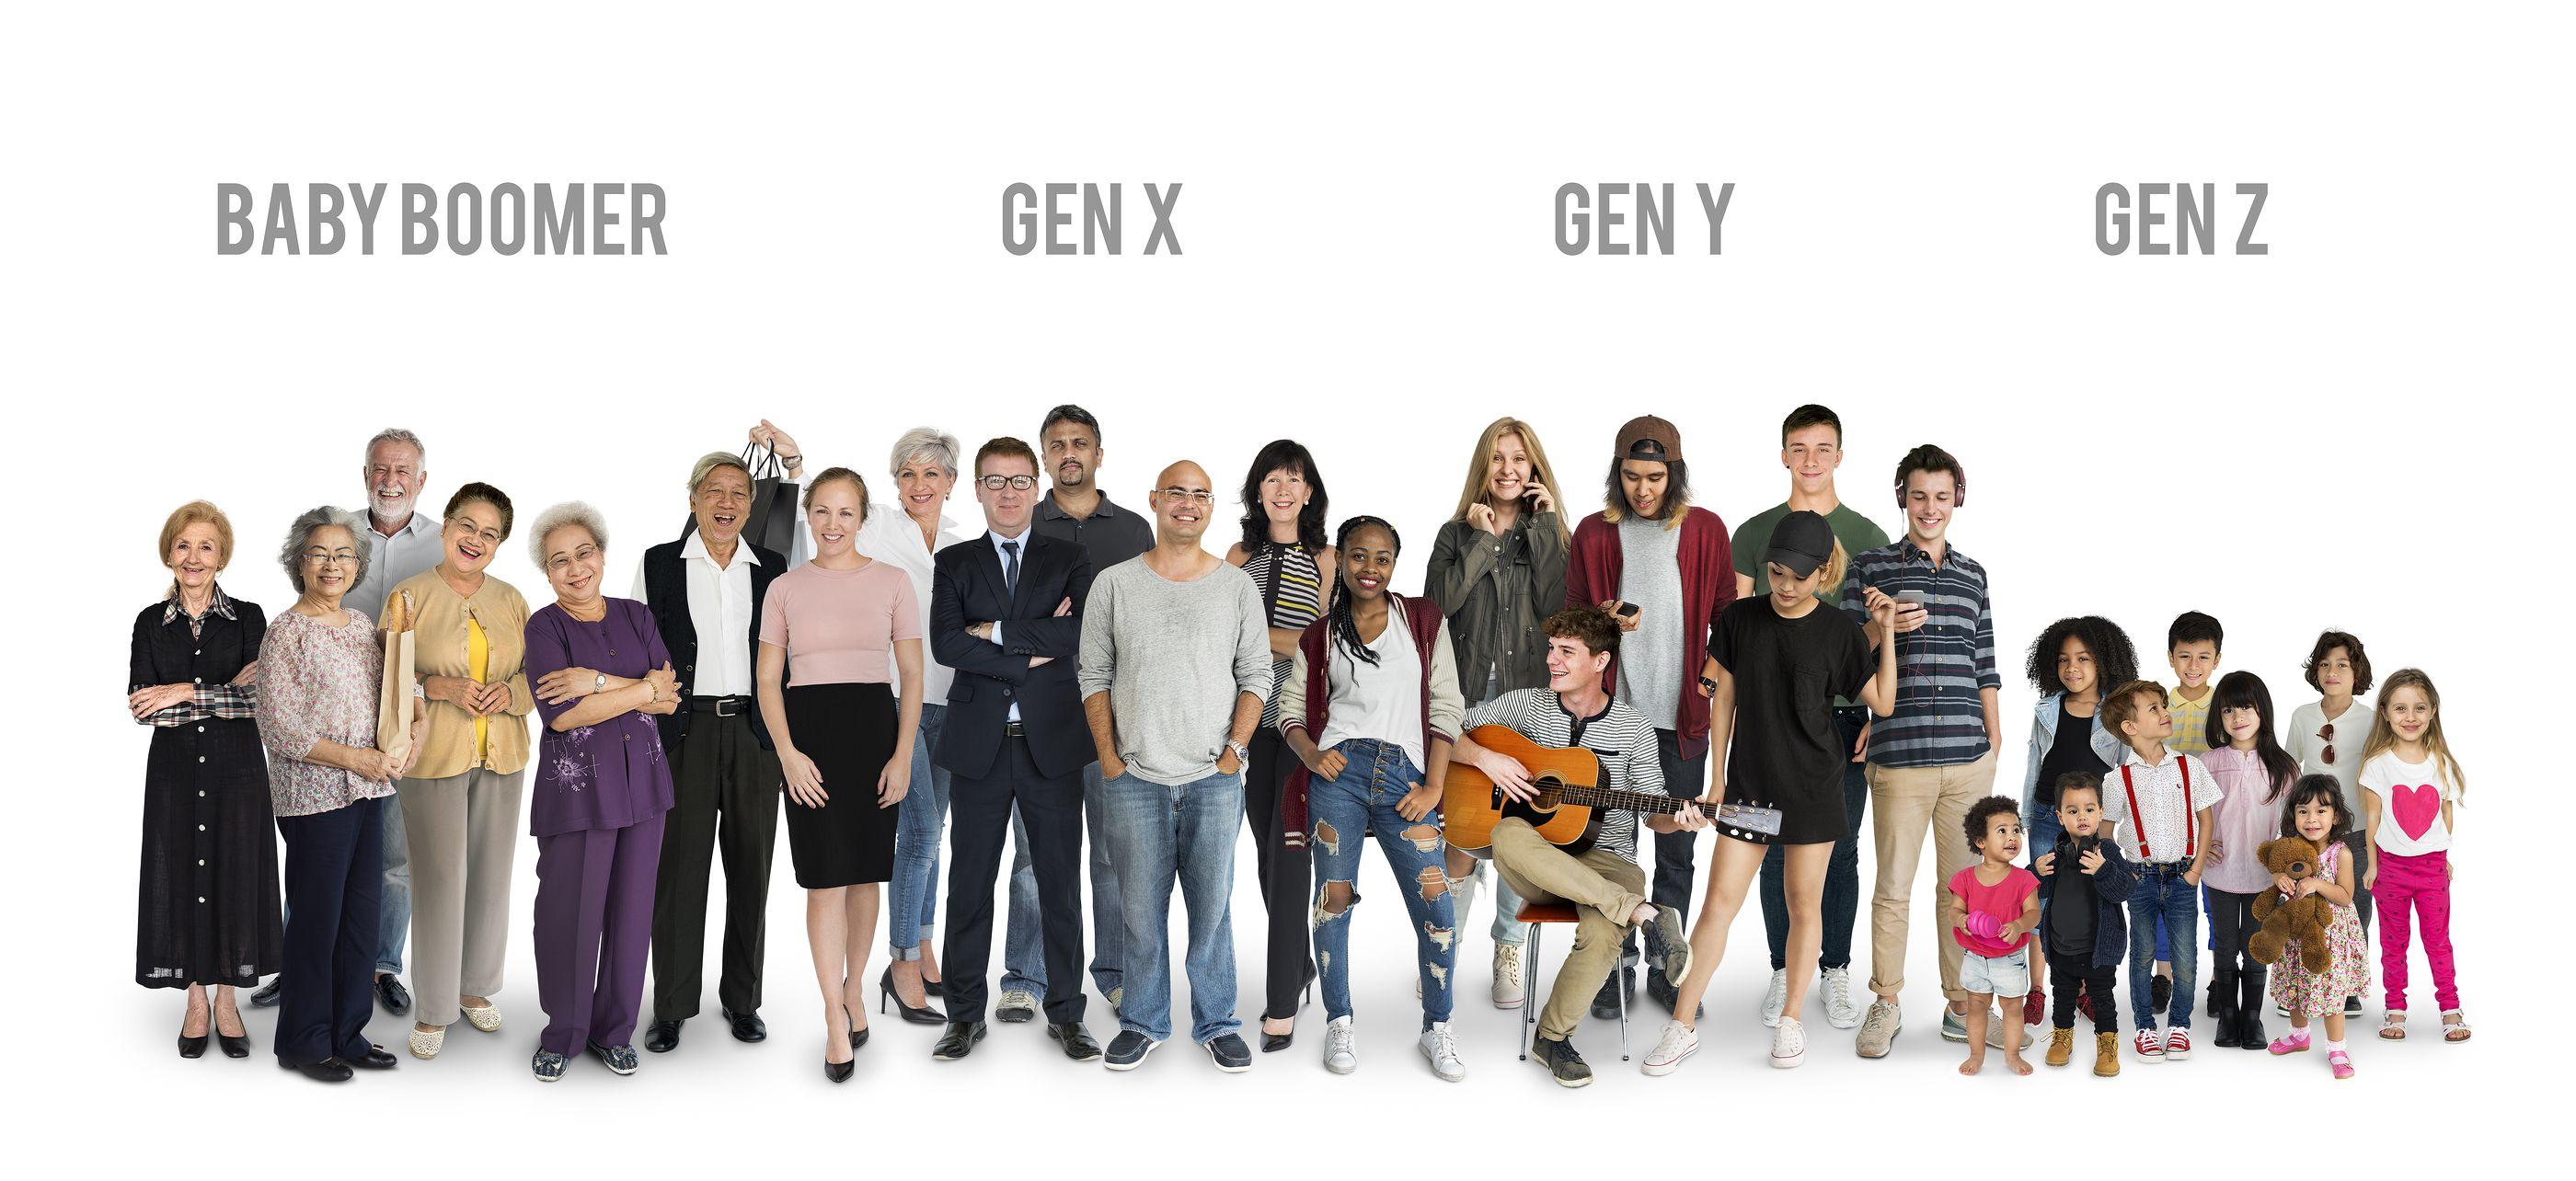 Eres silent, baby boomer, milenial, de la generación X?